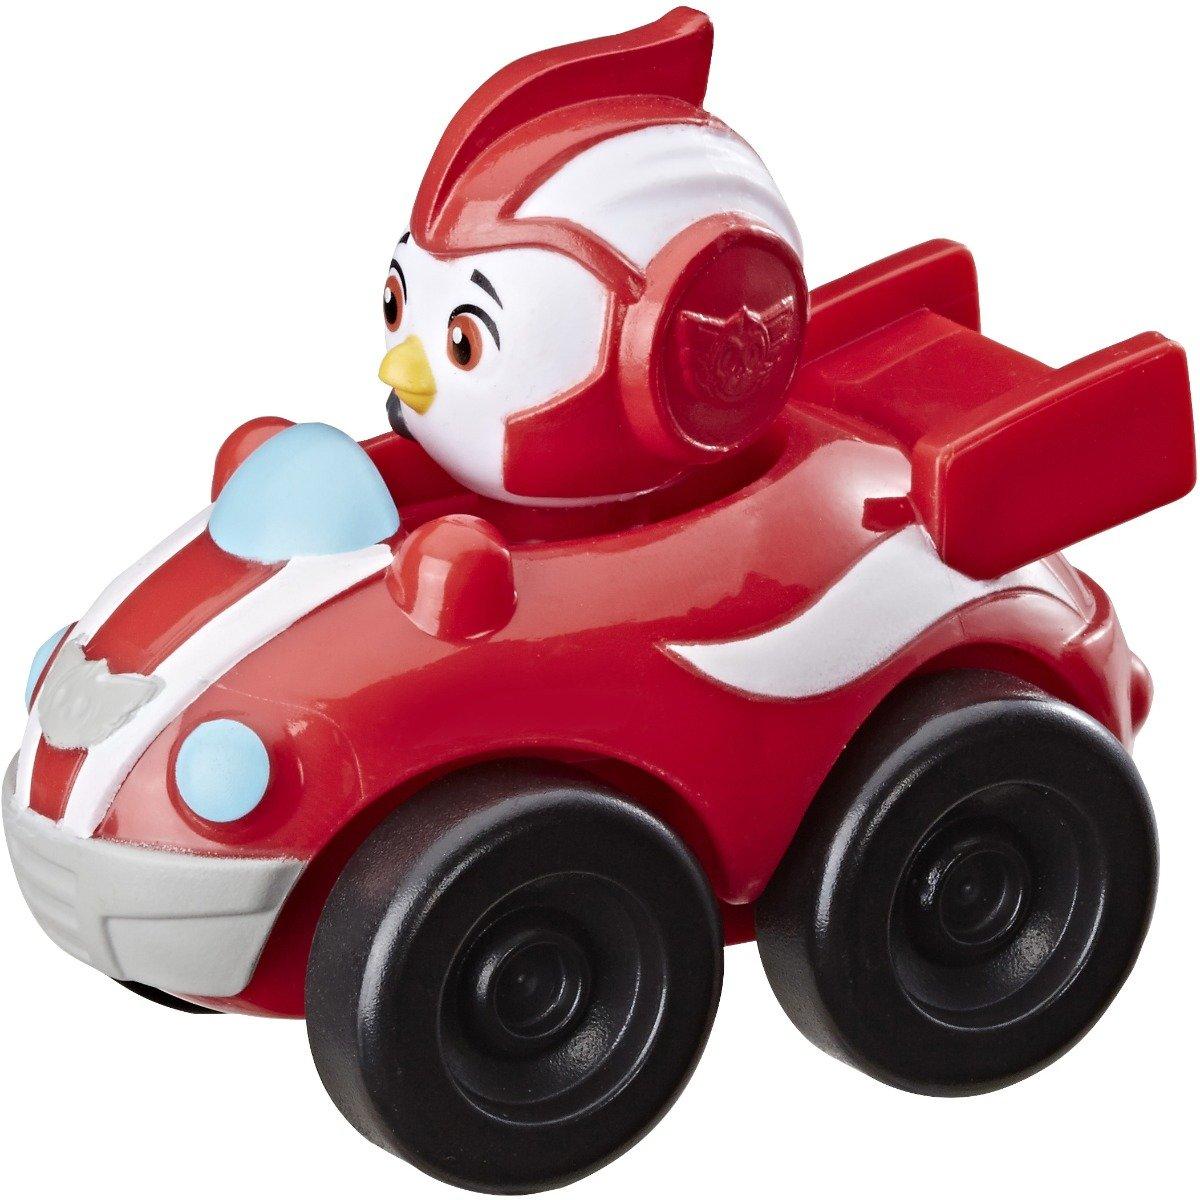 Mini figurina cu vehicul Top Wing Rod (E5744)